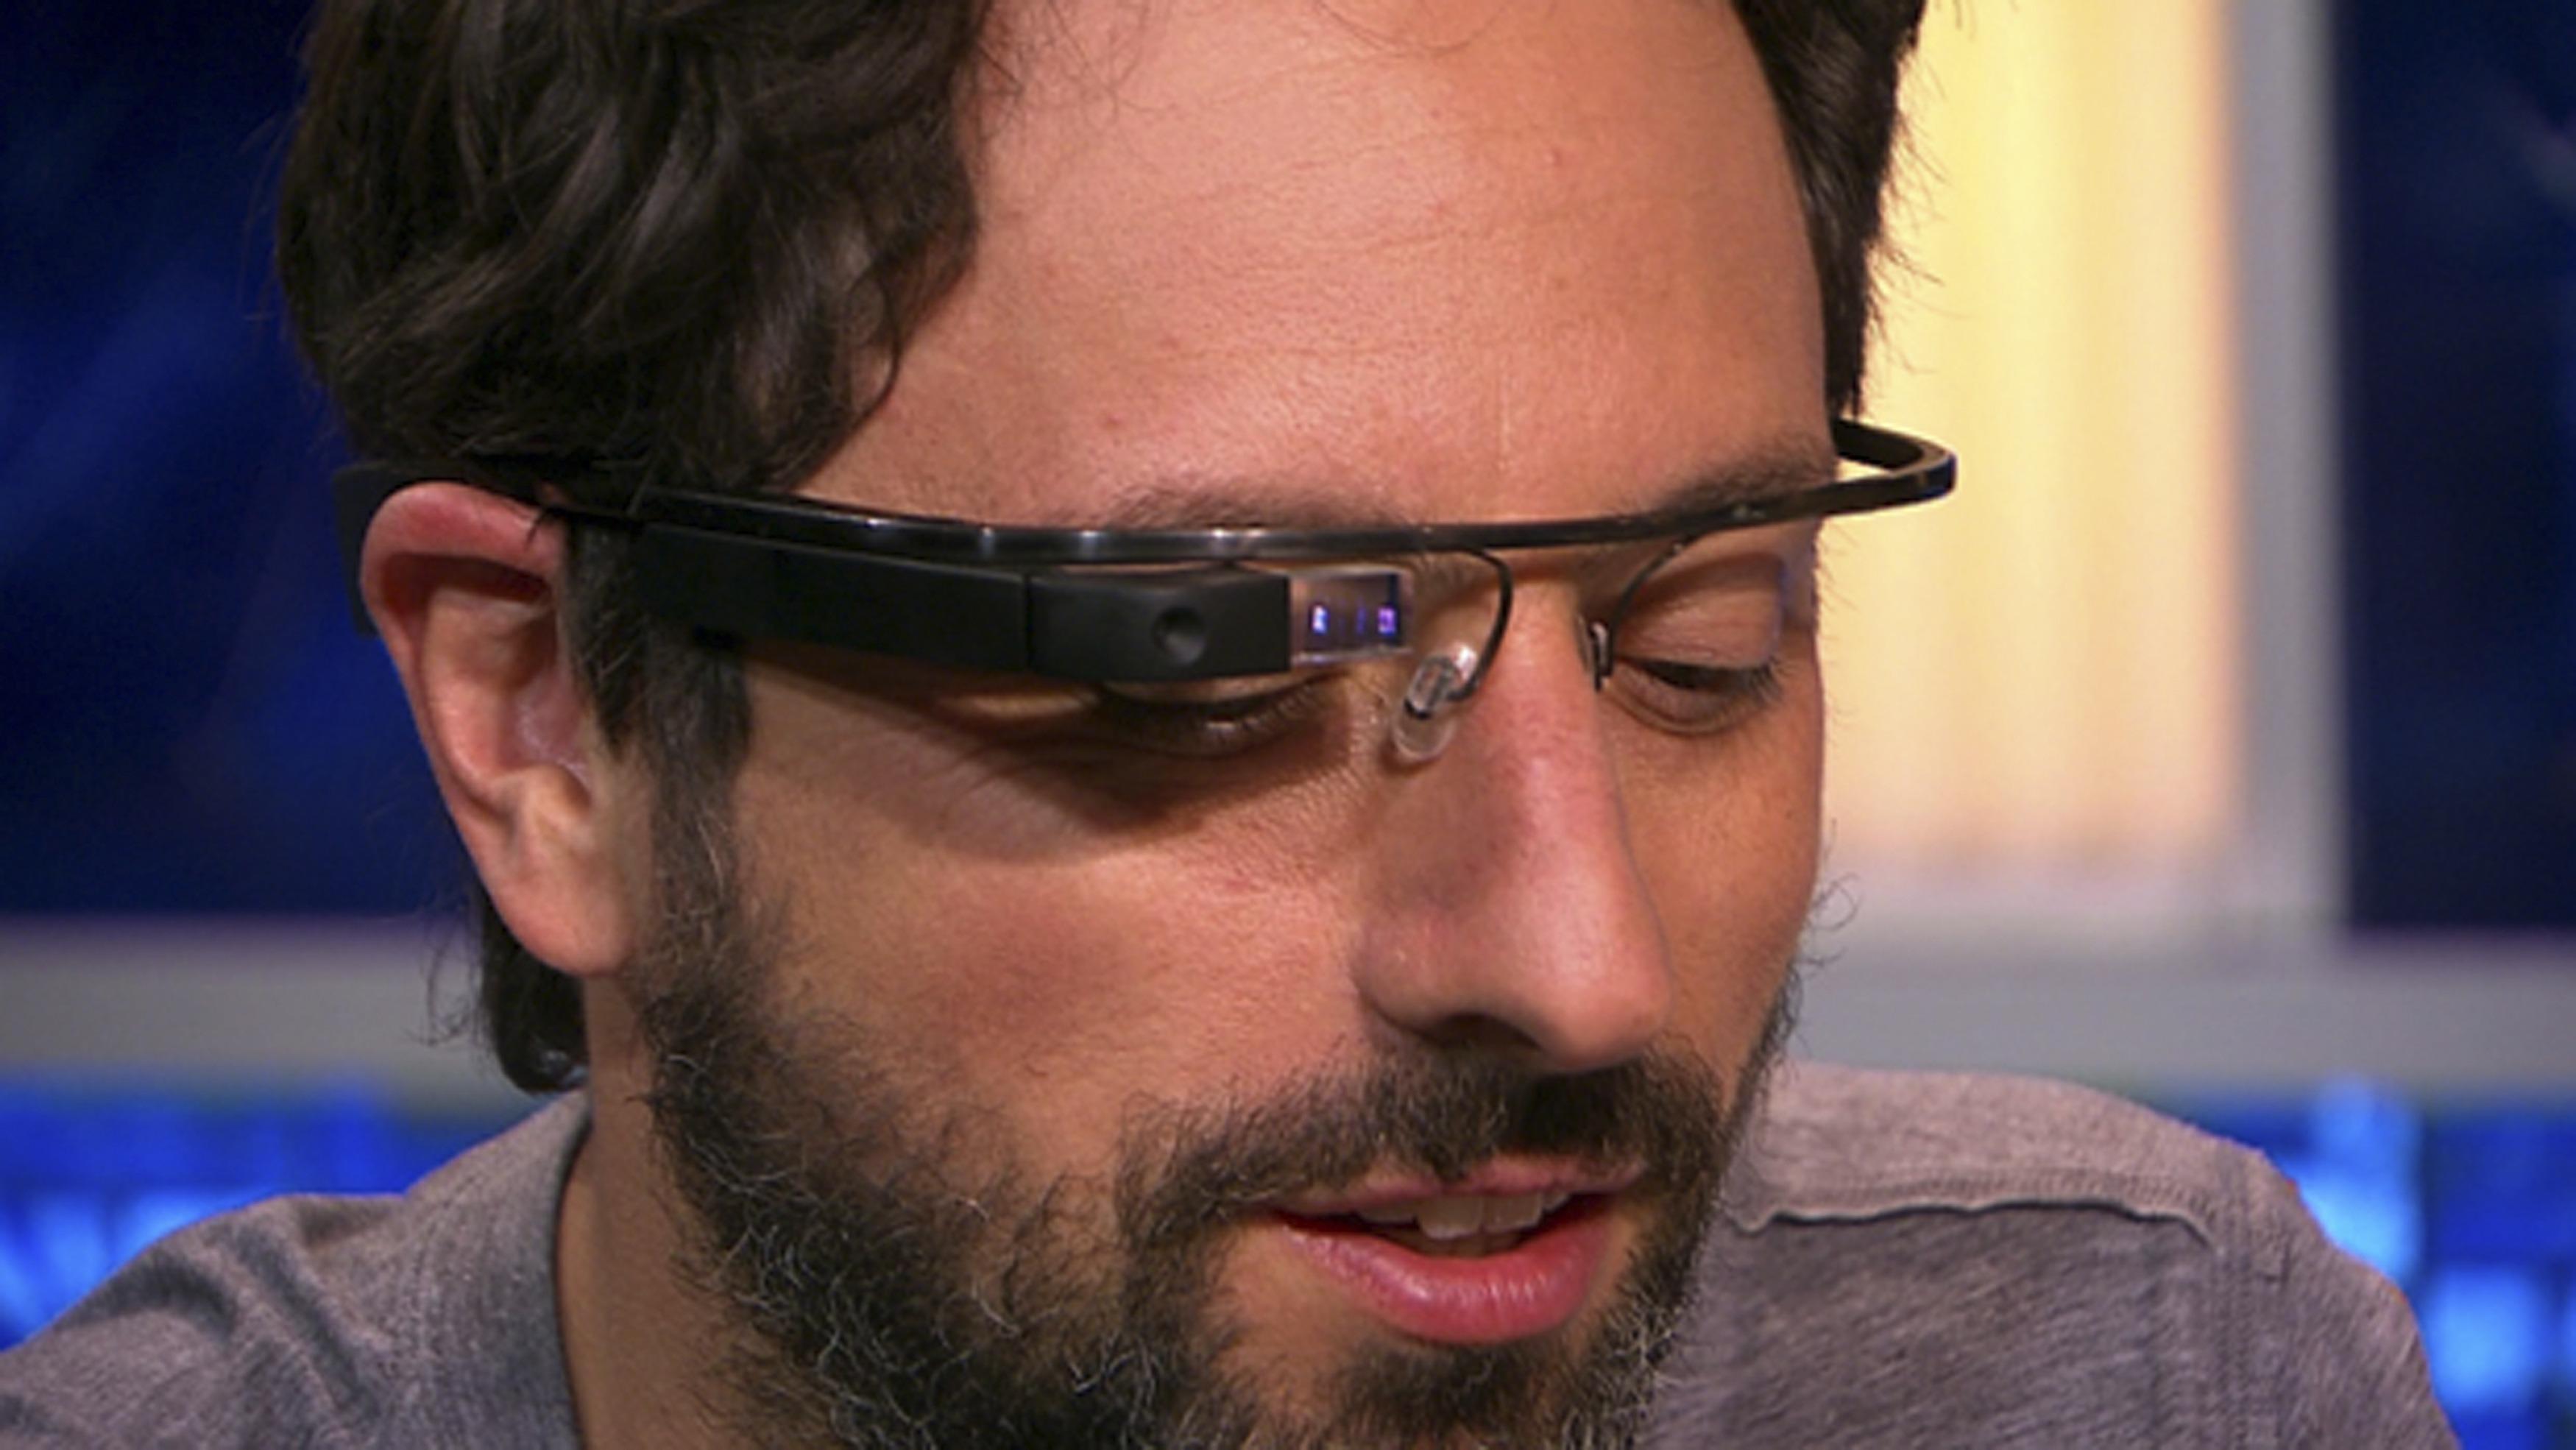 Googlovi inženirji so večpredstavnostna očala Glass opremili z zavidljivo strojno opremo!